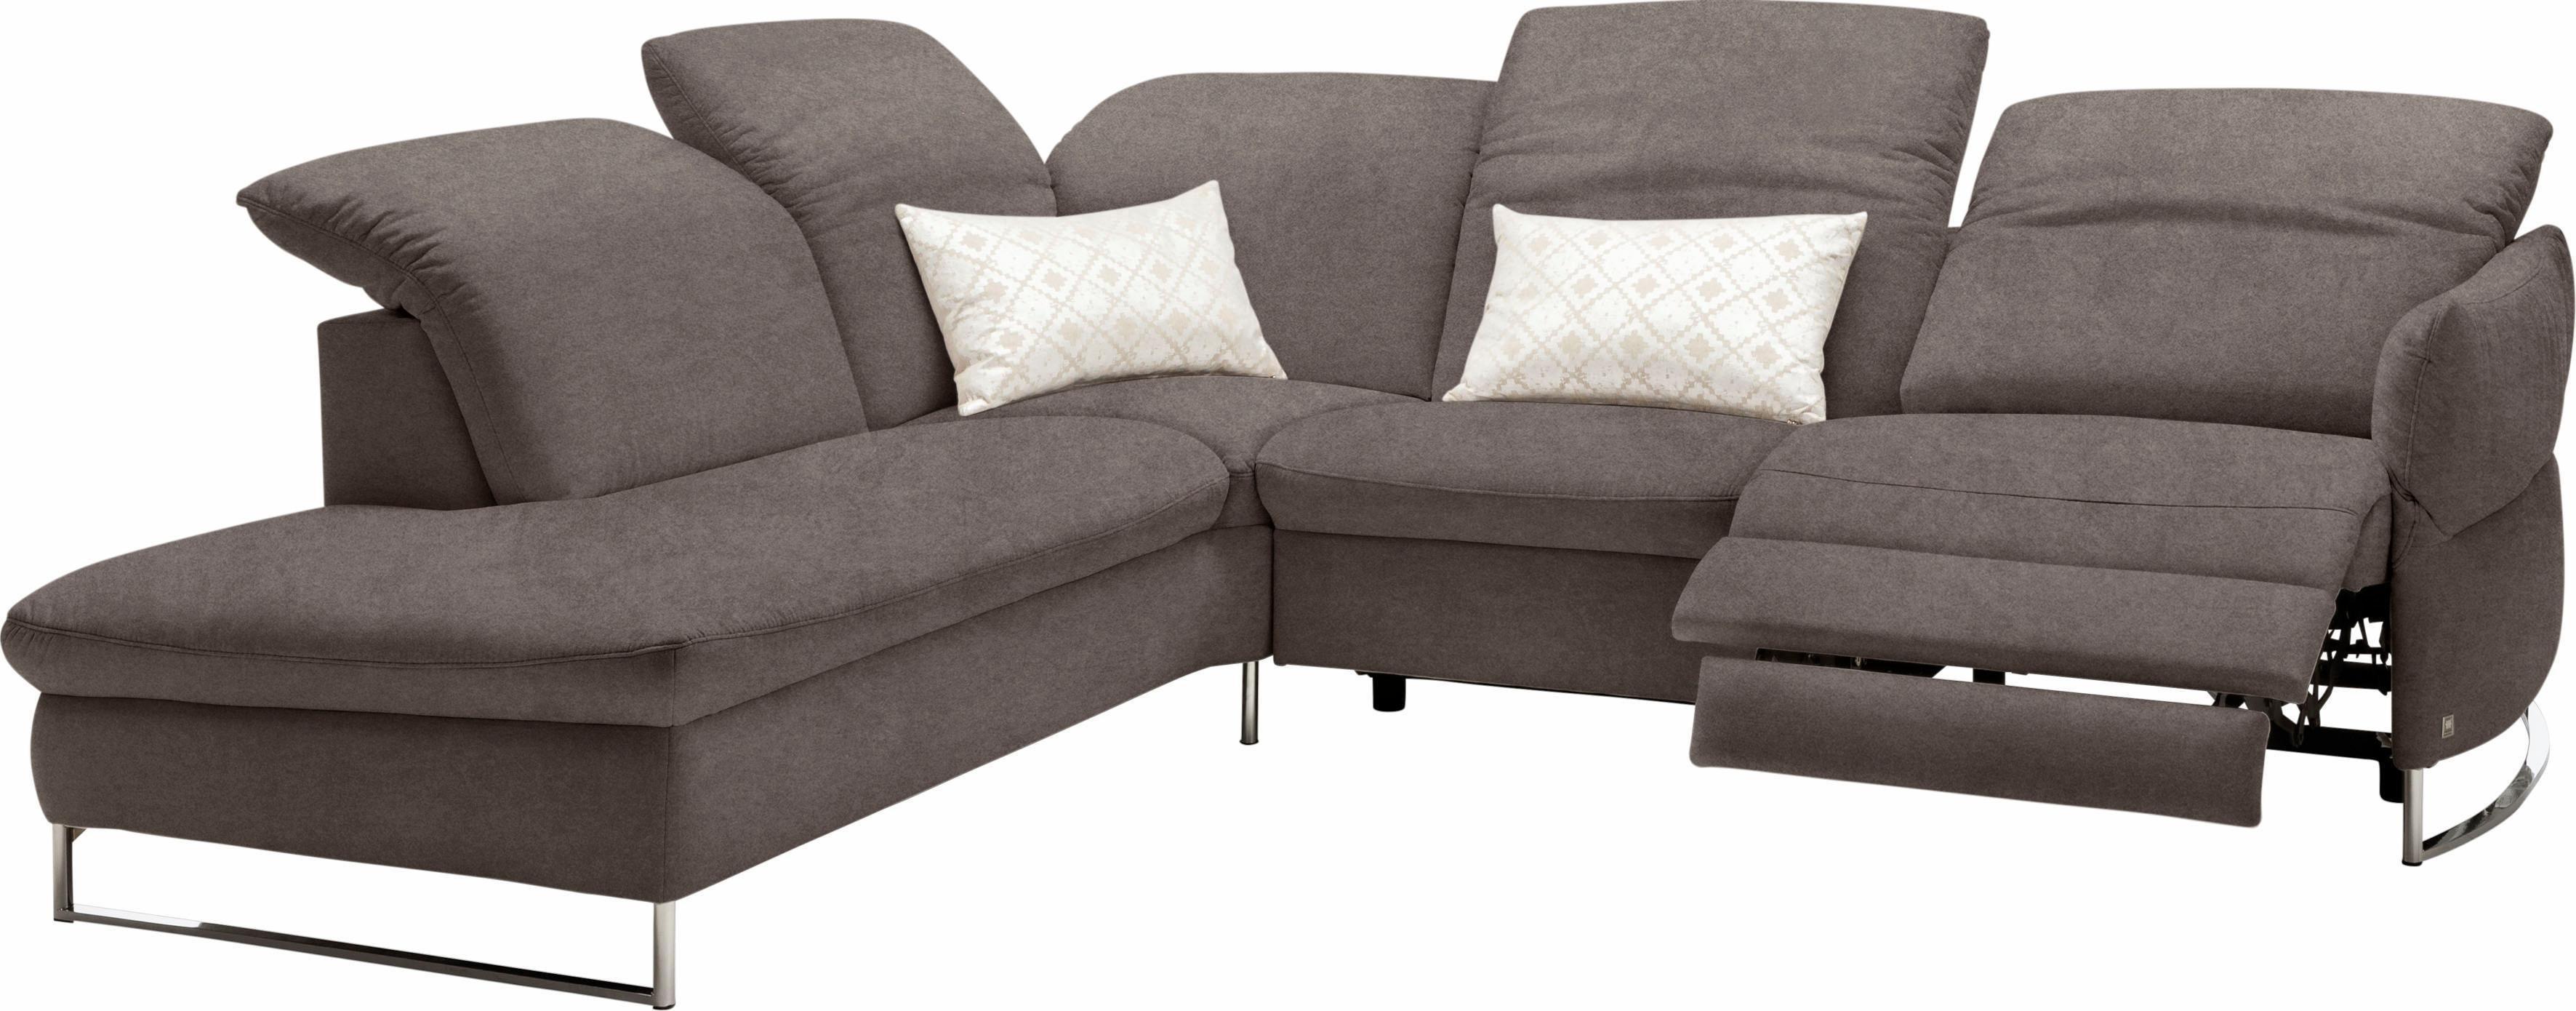 gallery m ecksofas eckcouches online kaufen m bel. Black Bedroom Furniture Sets. Home Design Ideas